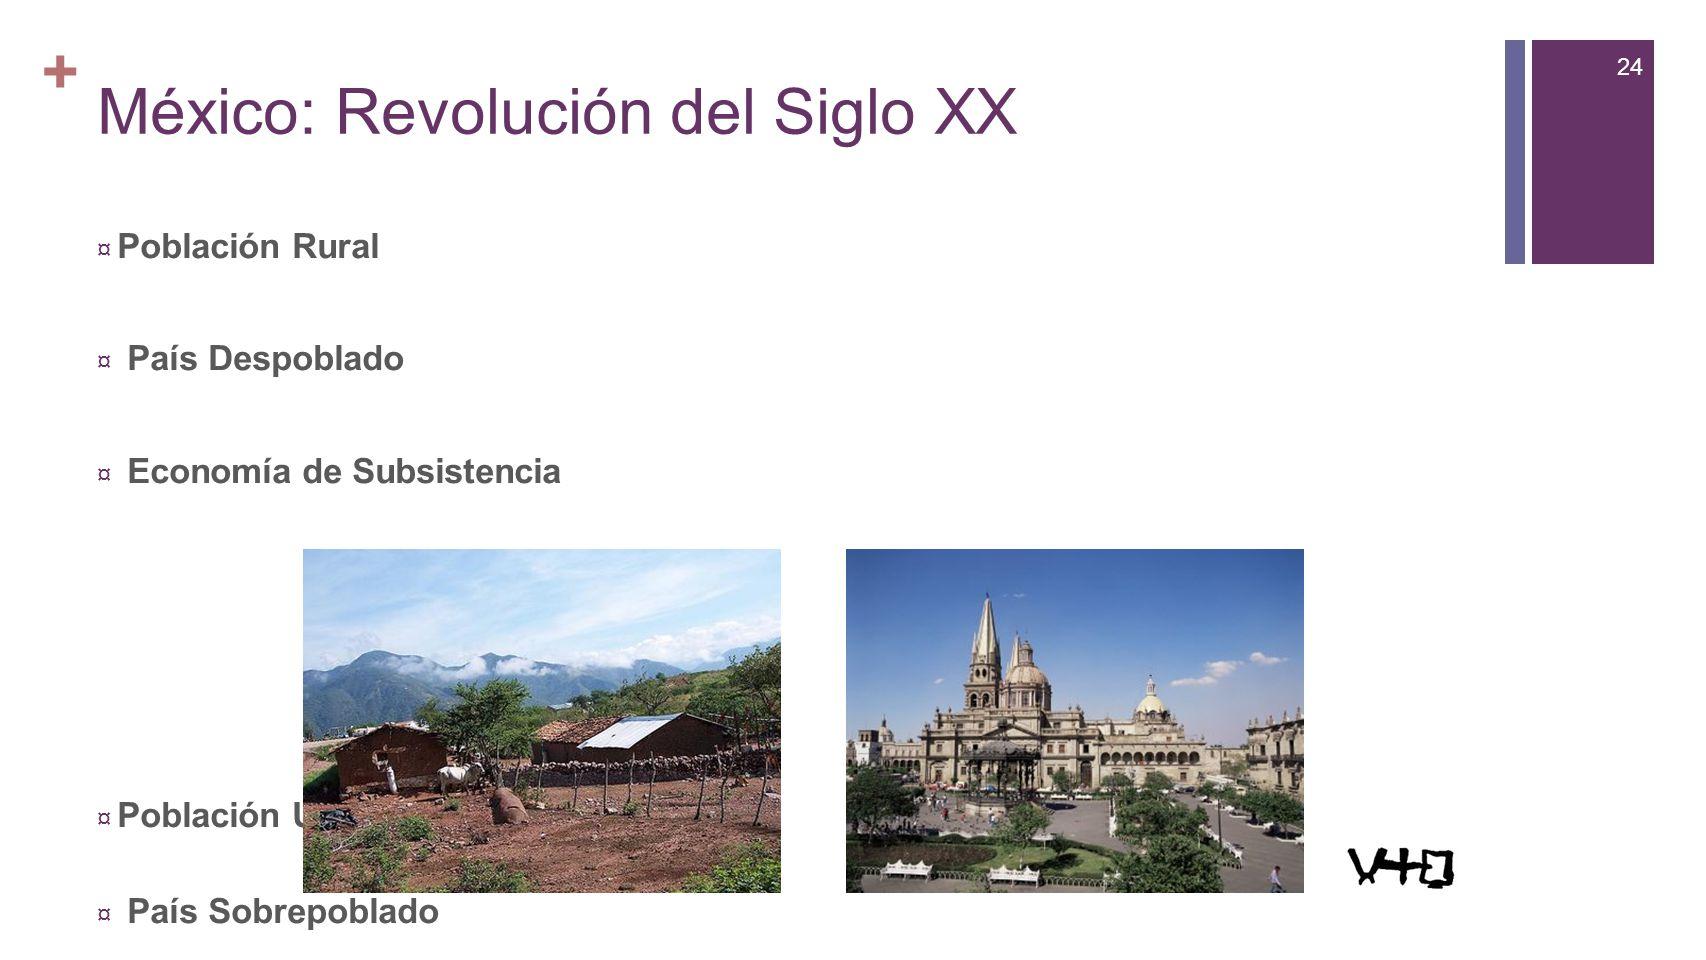 México: Revolución del Siglo XX